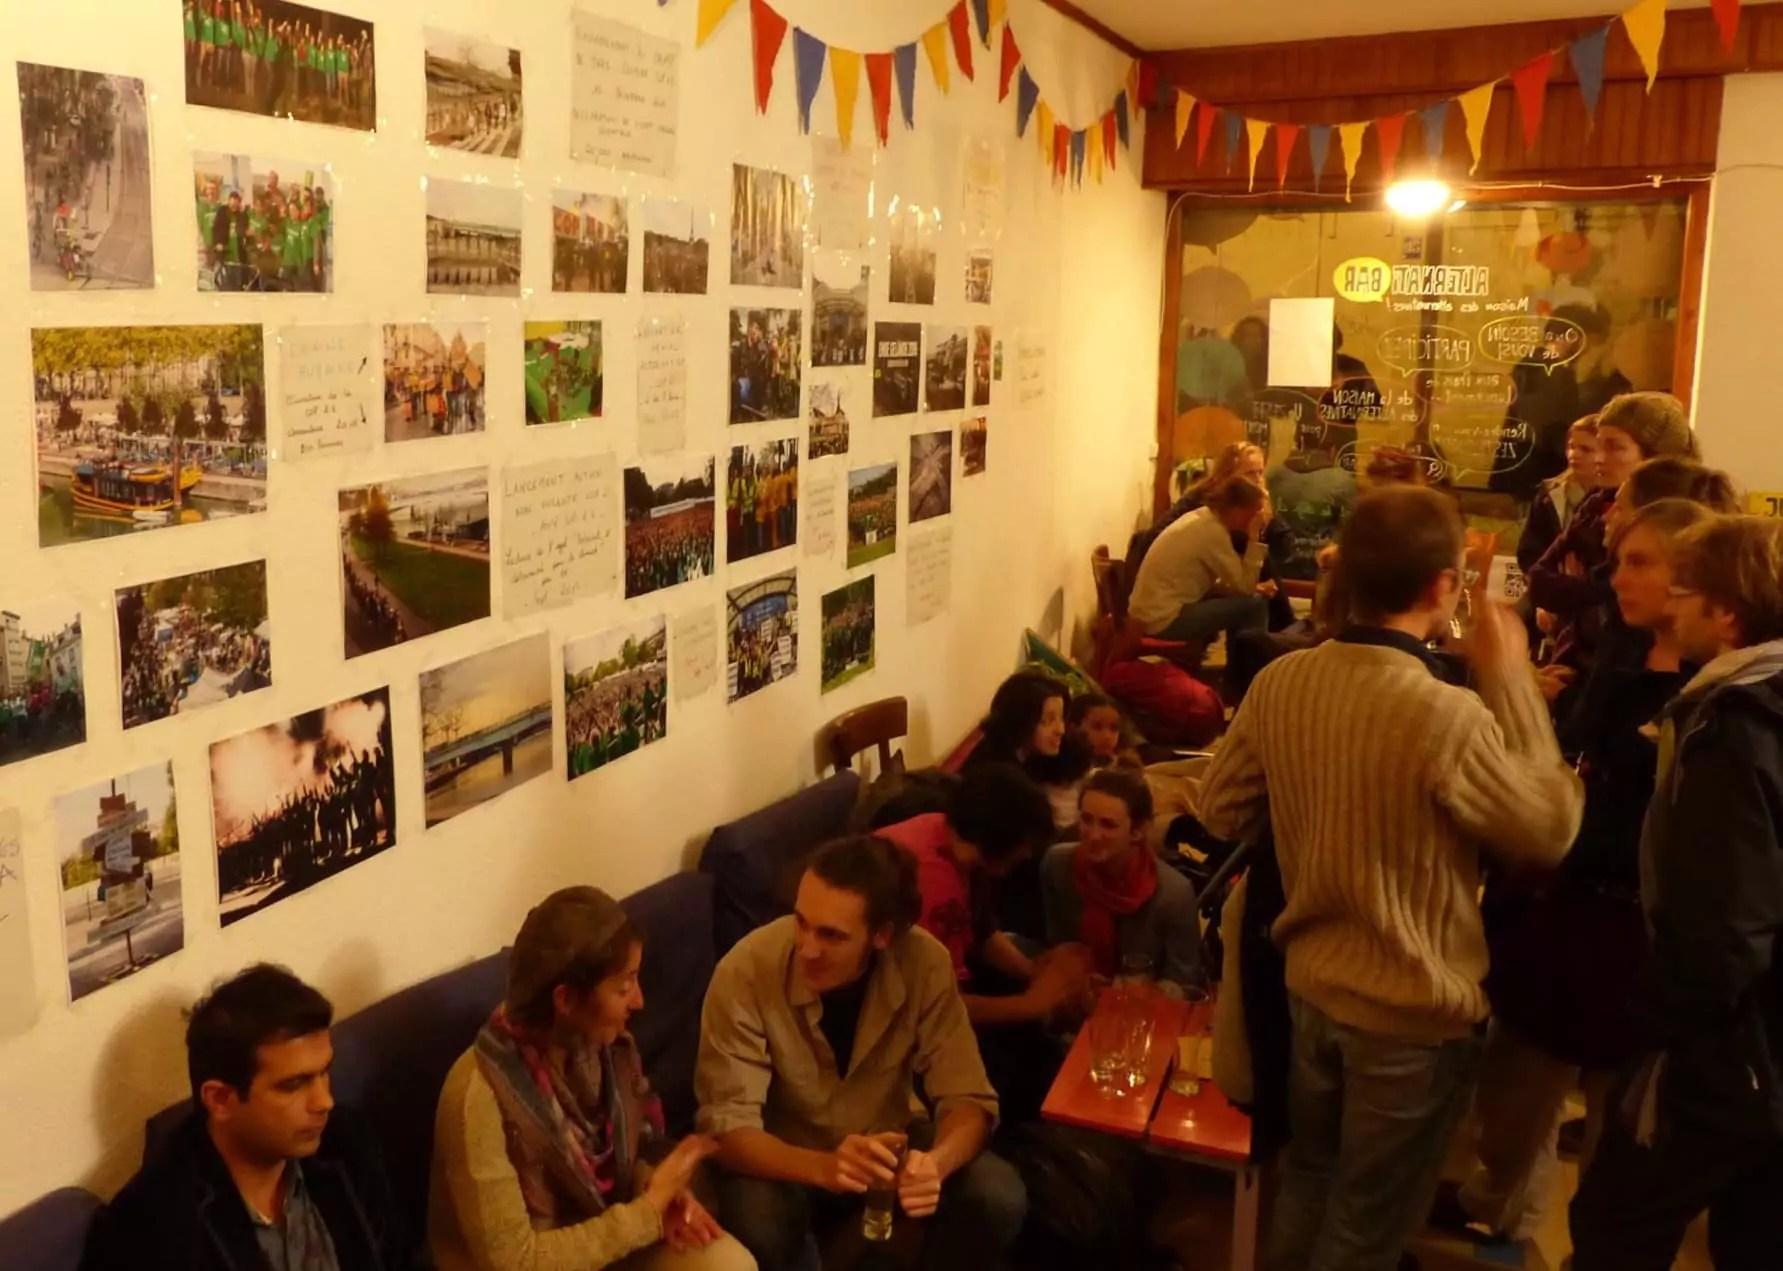 """A l'intérieur du bar, l'histoire du mouvement """"Alternatiba"""" est racontée à travers des photos accrochées aux murs."""